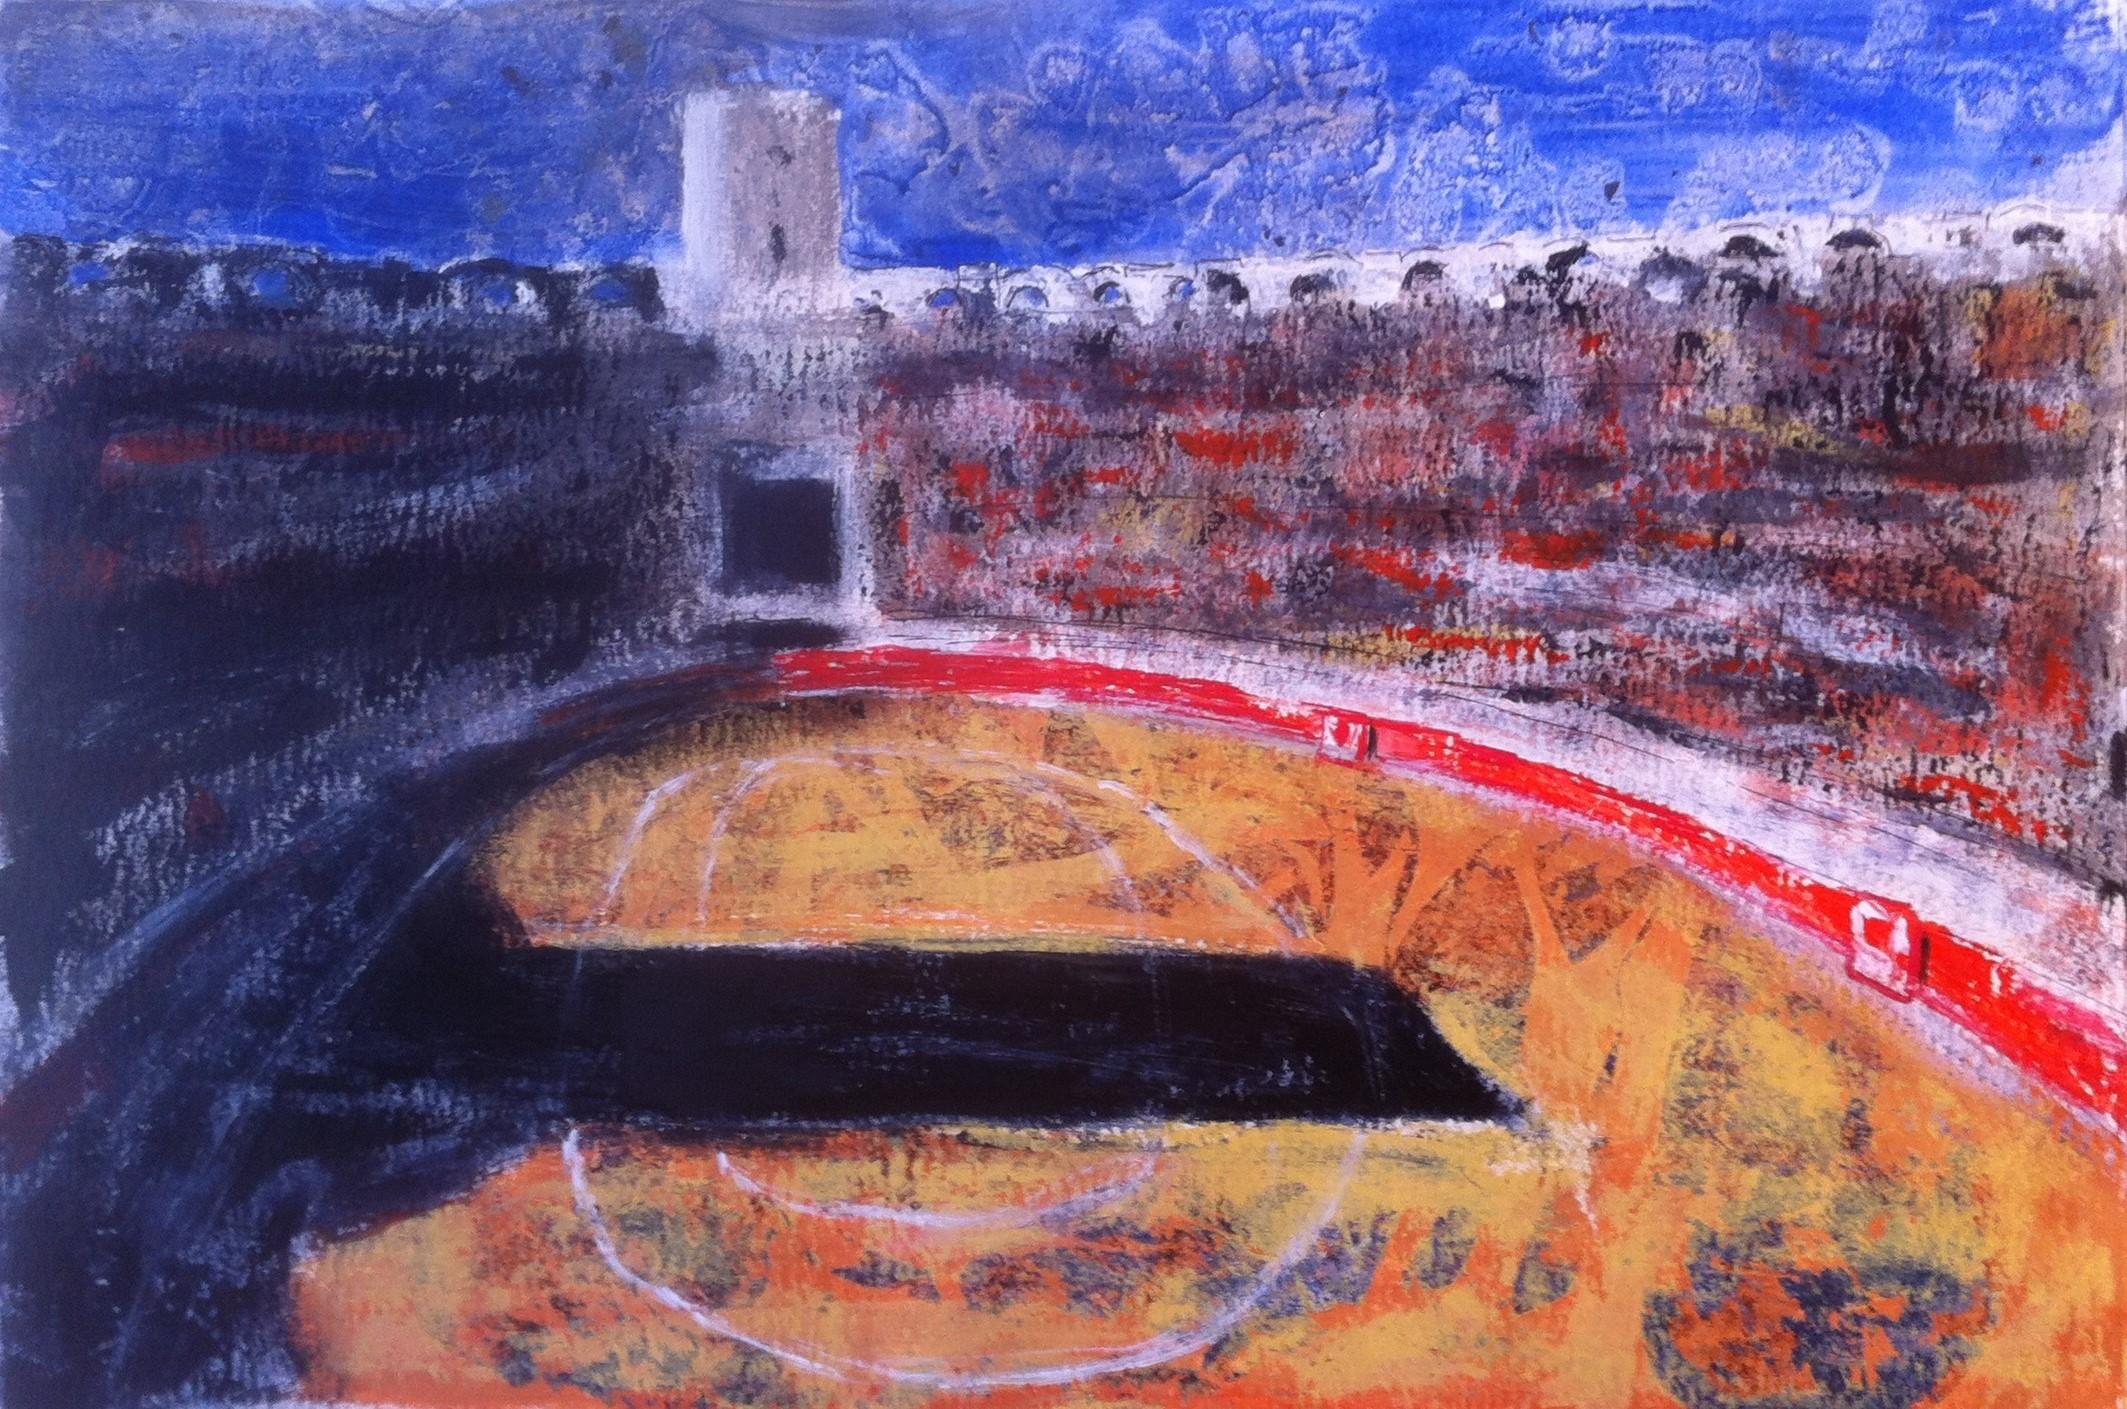 N°1366 - Sol y sombra aux arènes d'Arles un dimanche pascal - Acrylique sur papier - 37 x 55 cm - 23 avril 2014